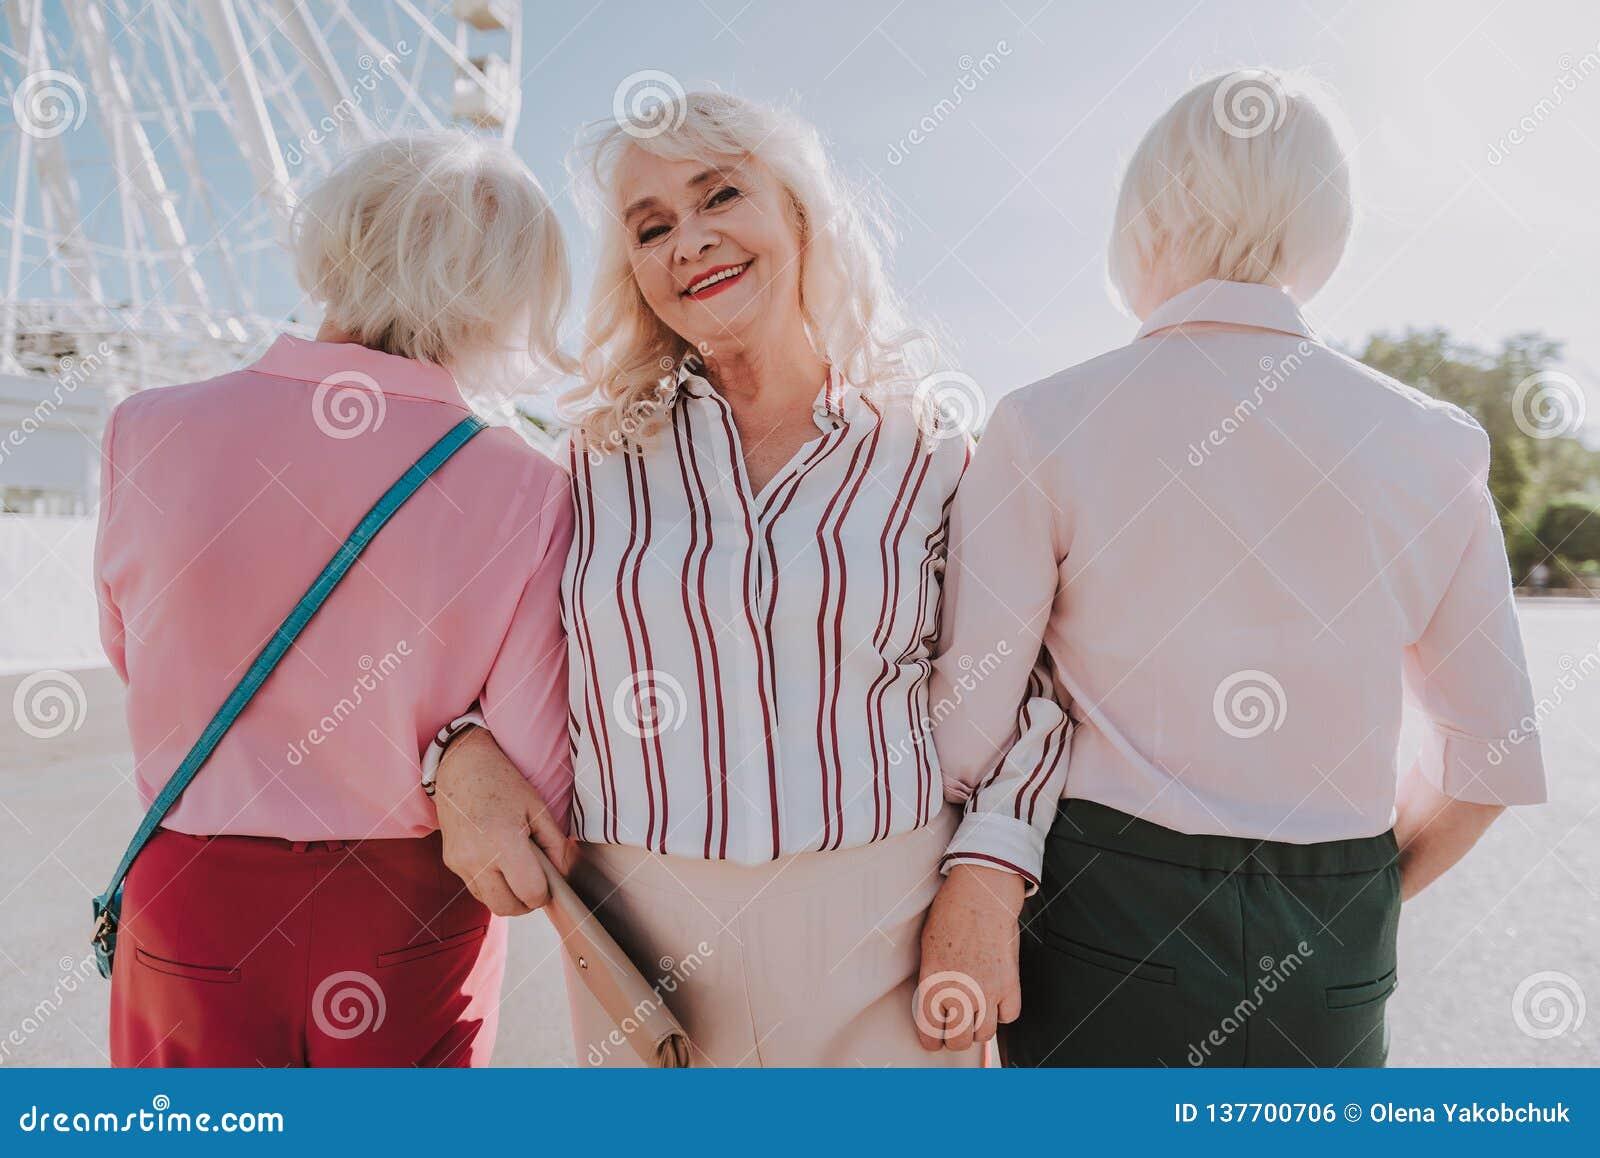 Τρεις ενήλικες γυναίκες παίρνουν τη φωτογραφία στο πάρκο